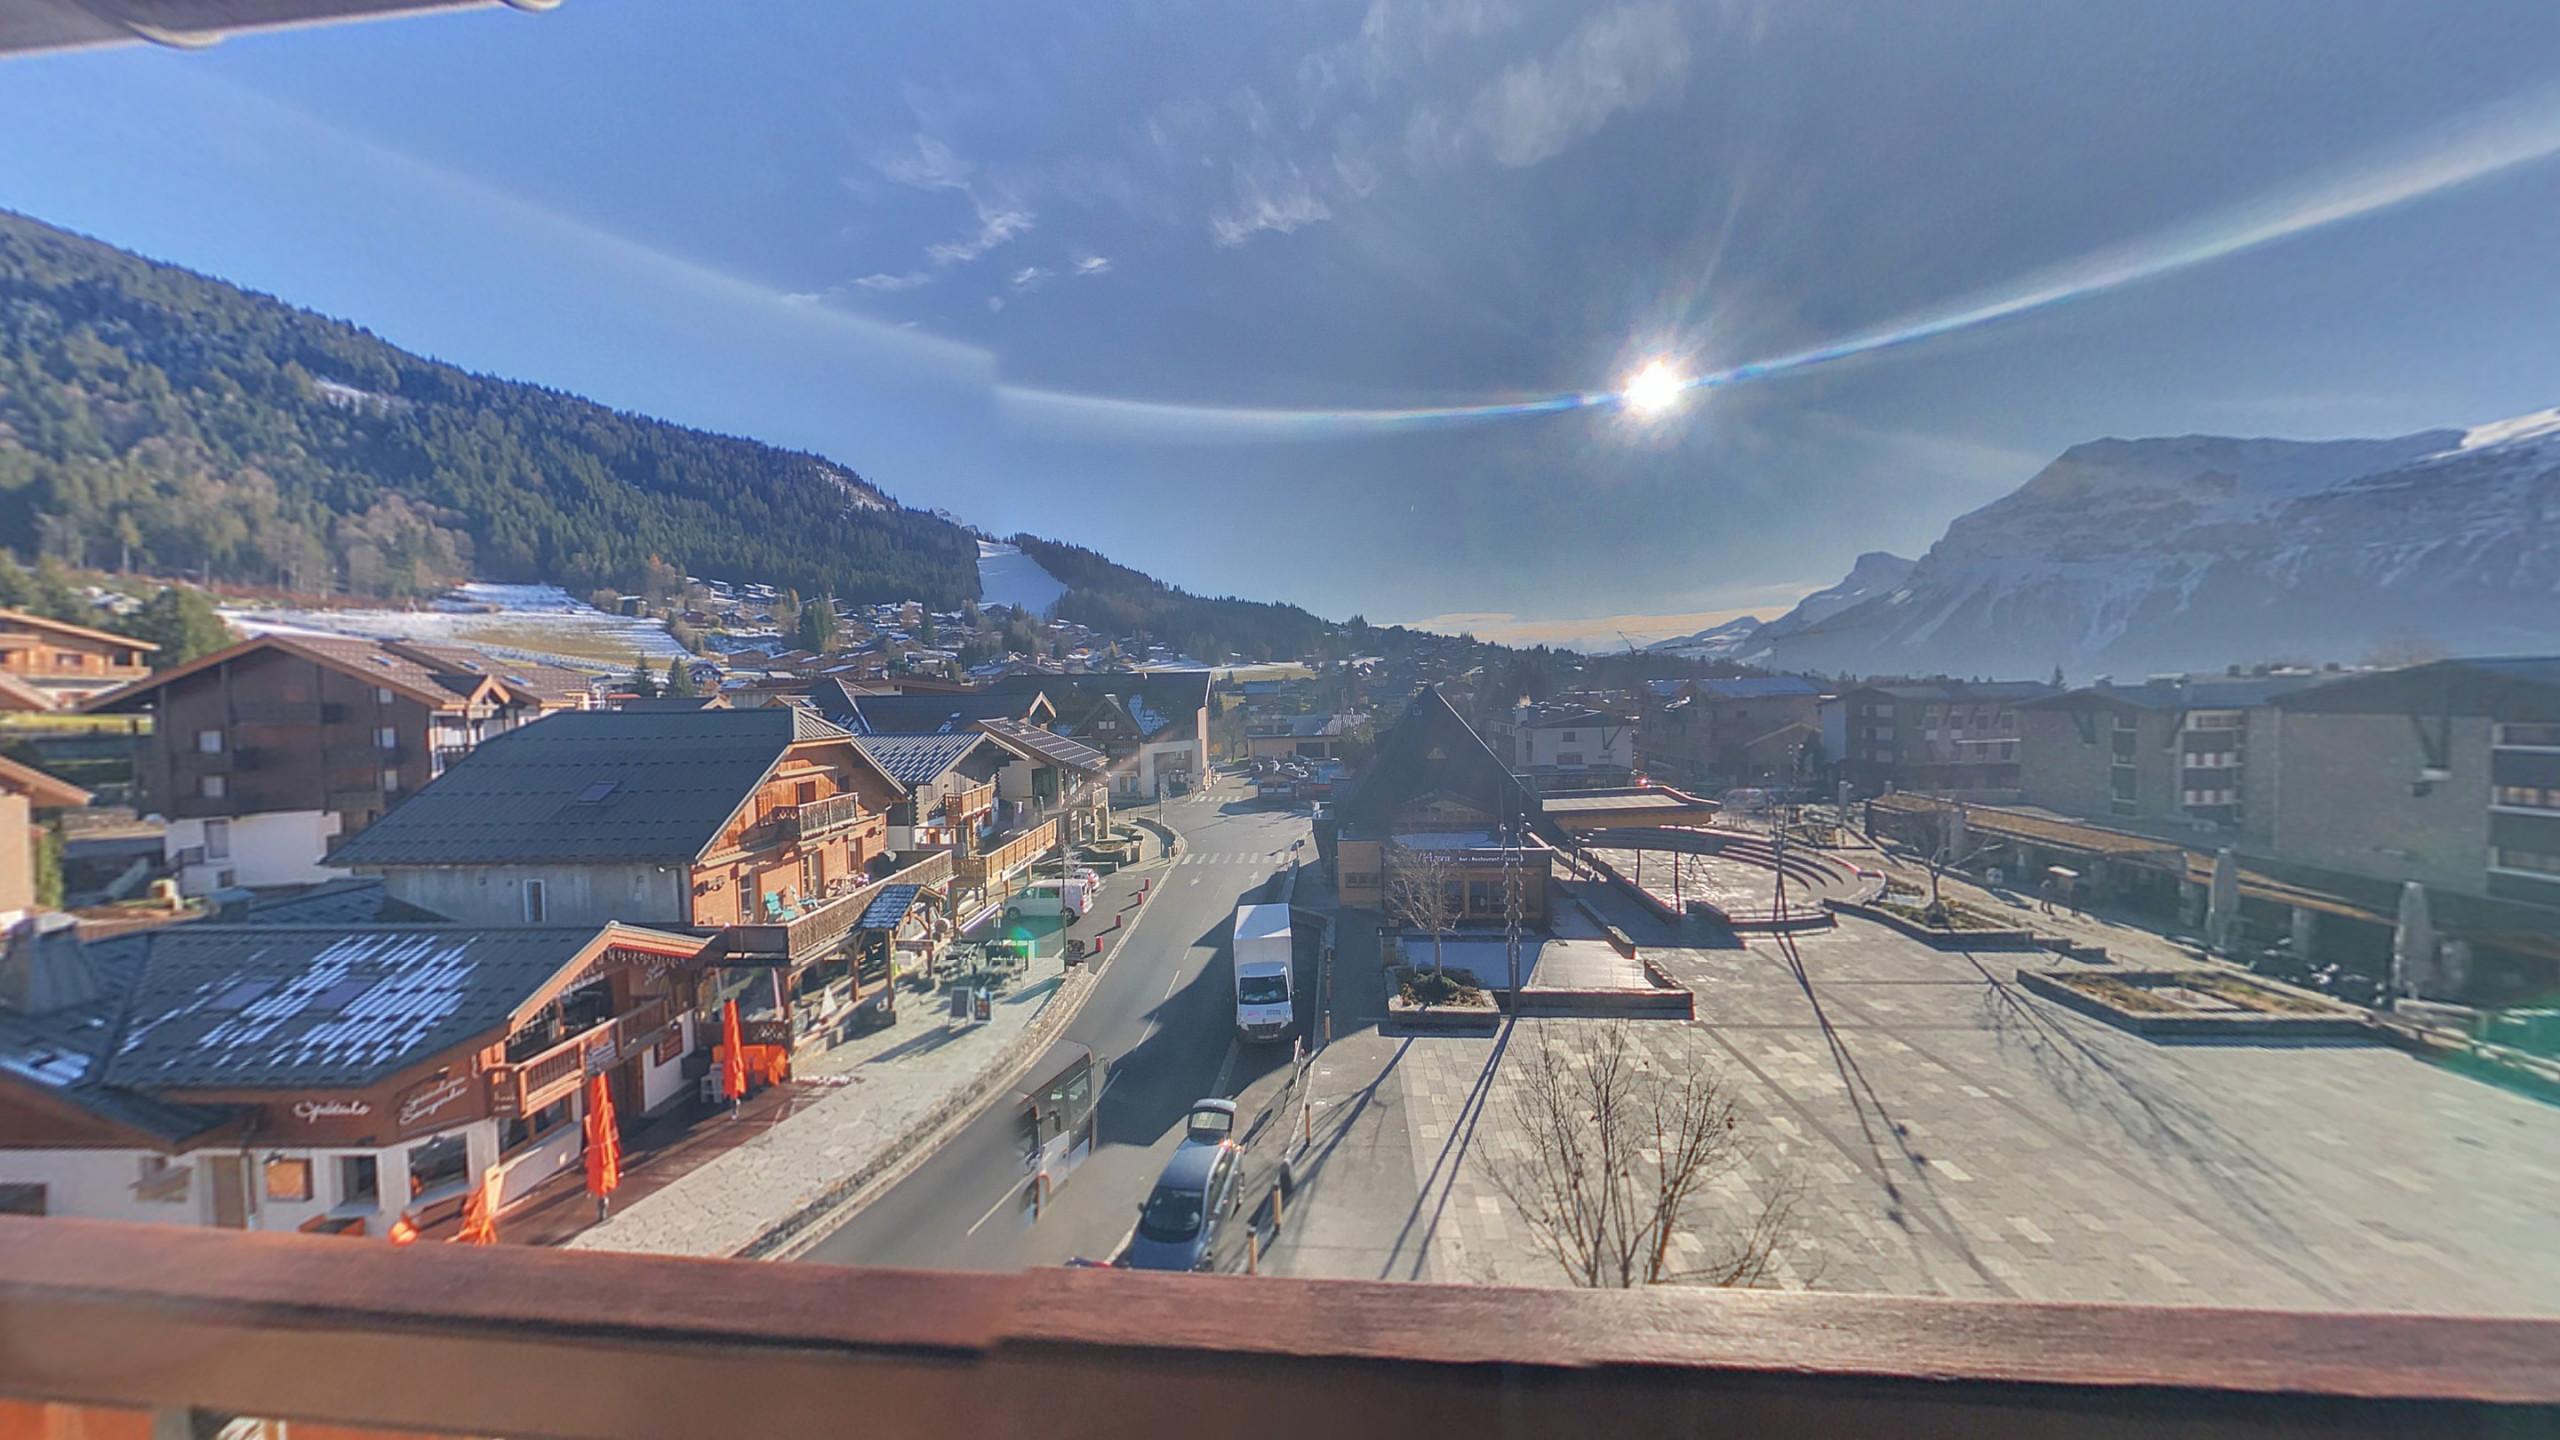 SL404 - Duplex 8 Pers centre des Carroz Accommodation in Les Carroz